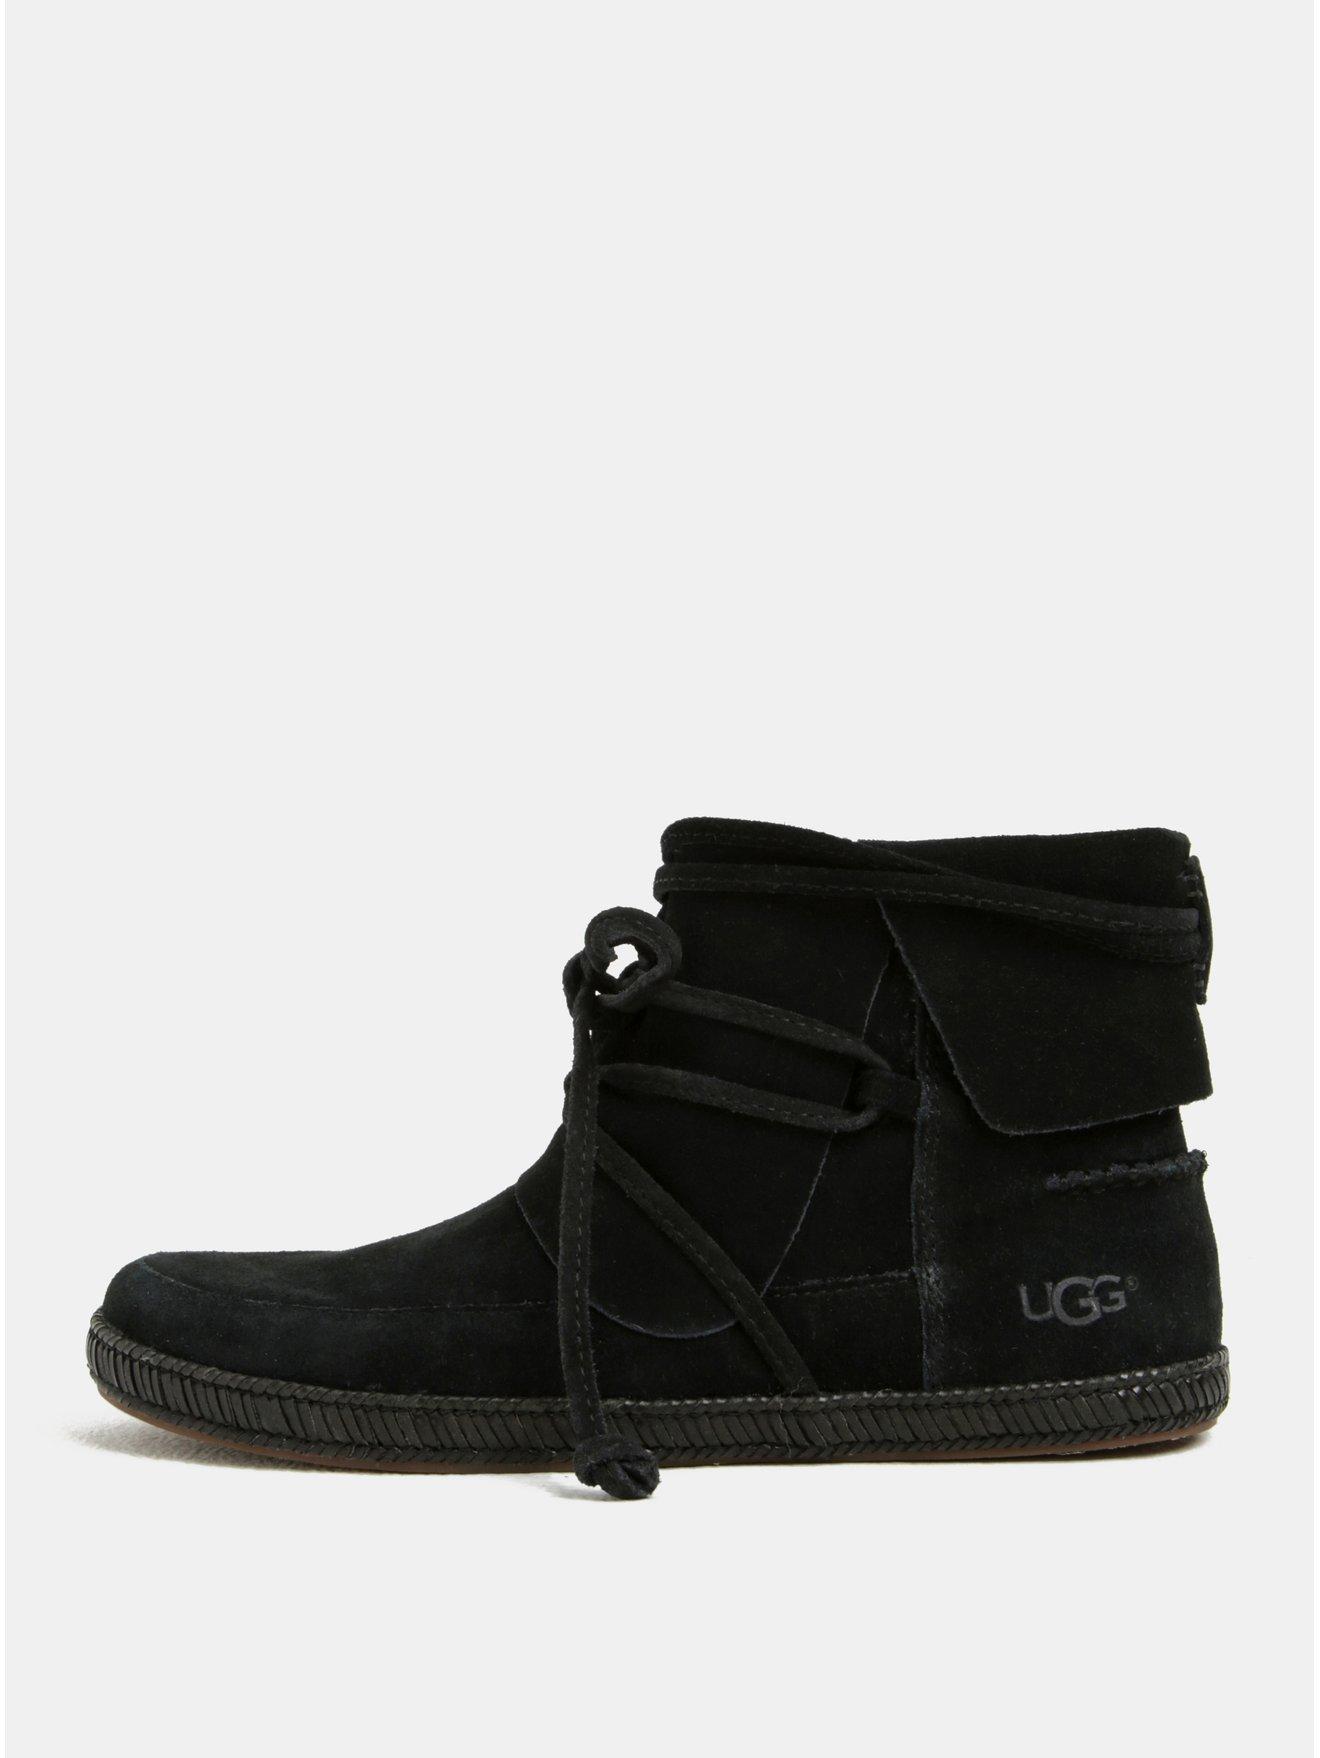 70b4b9cf359 Černé semišové kotníkové zimní voděodolné boty UGG Reid